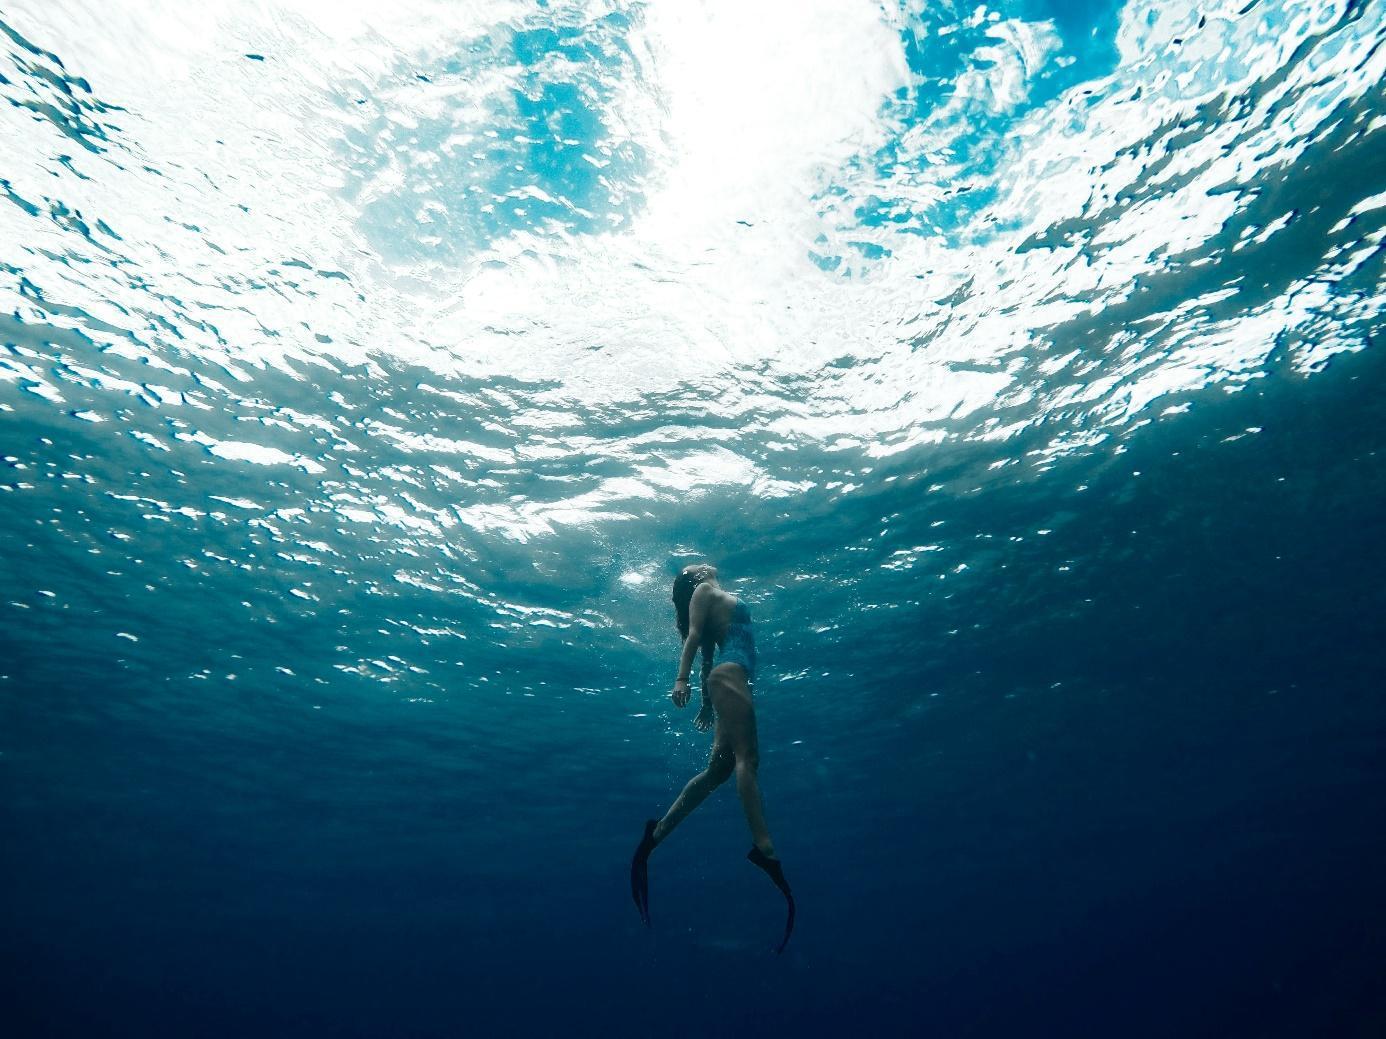 Ein Bild, das Wasser, draußen, Sport, fahrend enthält. Automatisch generierte Beschreibung